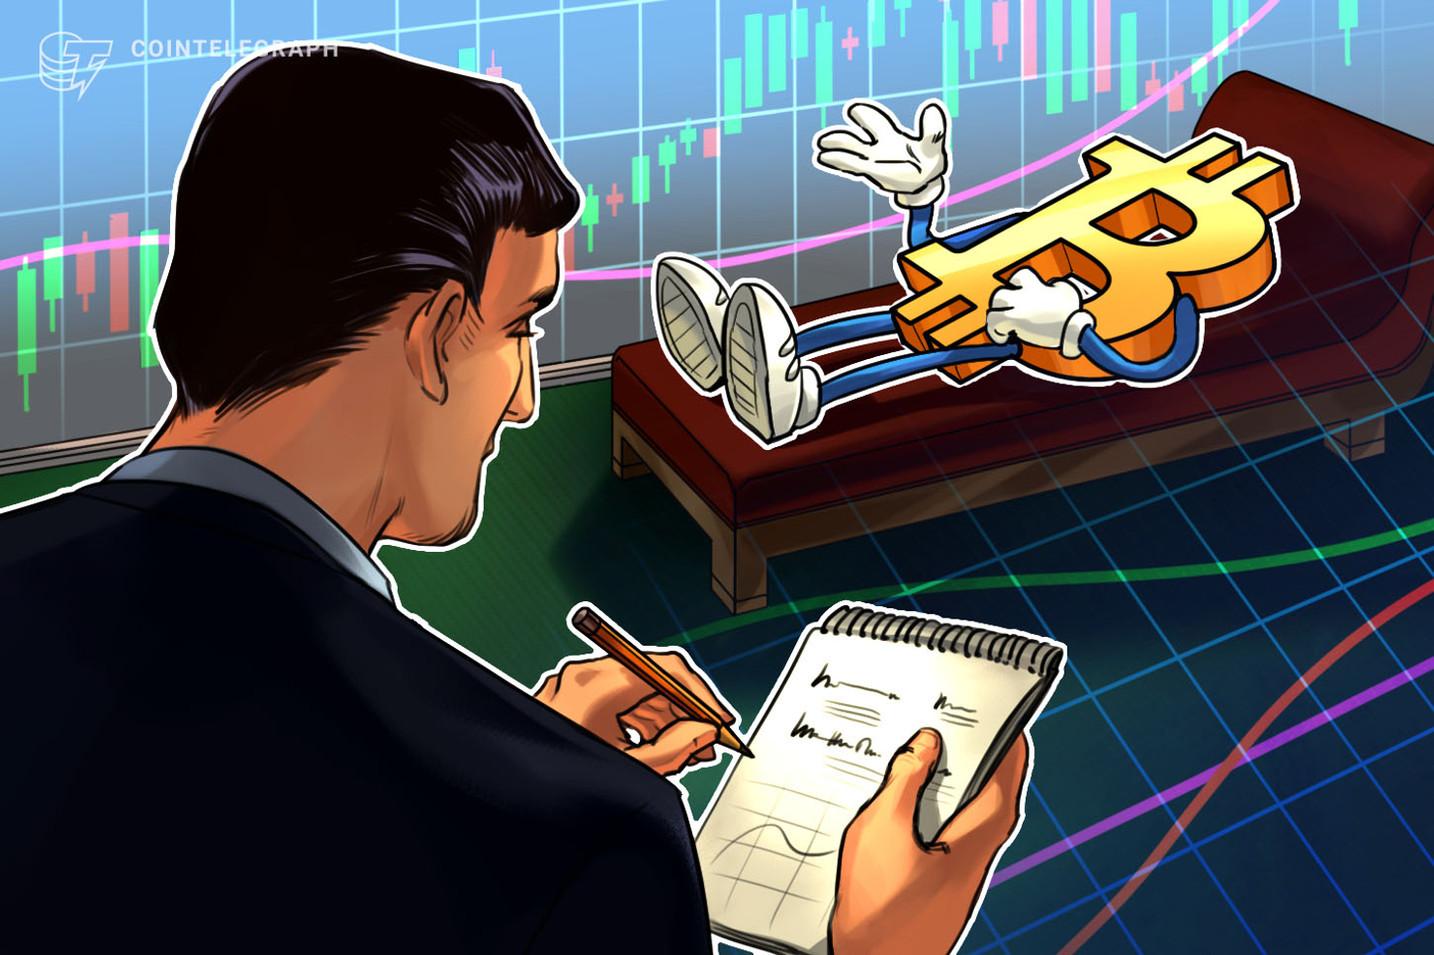 ビットコイン、7500ドルが分水嶺か | アルトコインではATOMが上昇【仮想通貨相場】